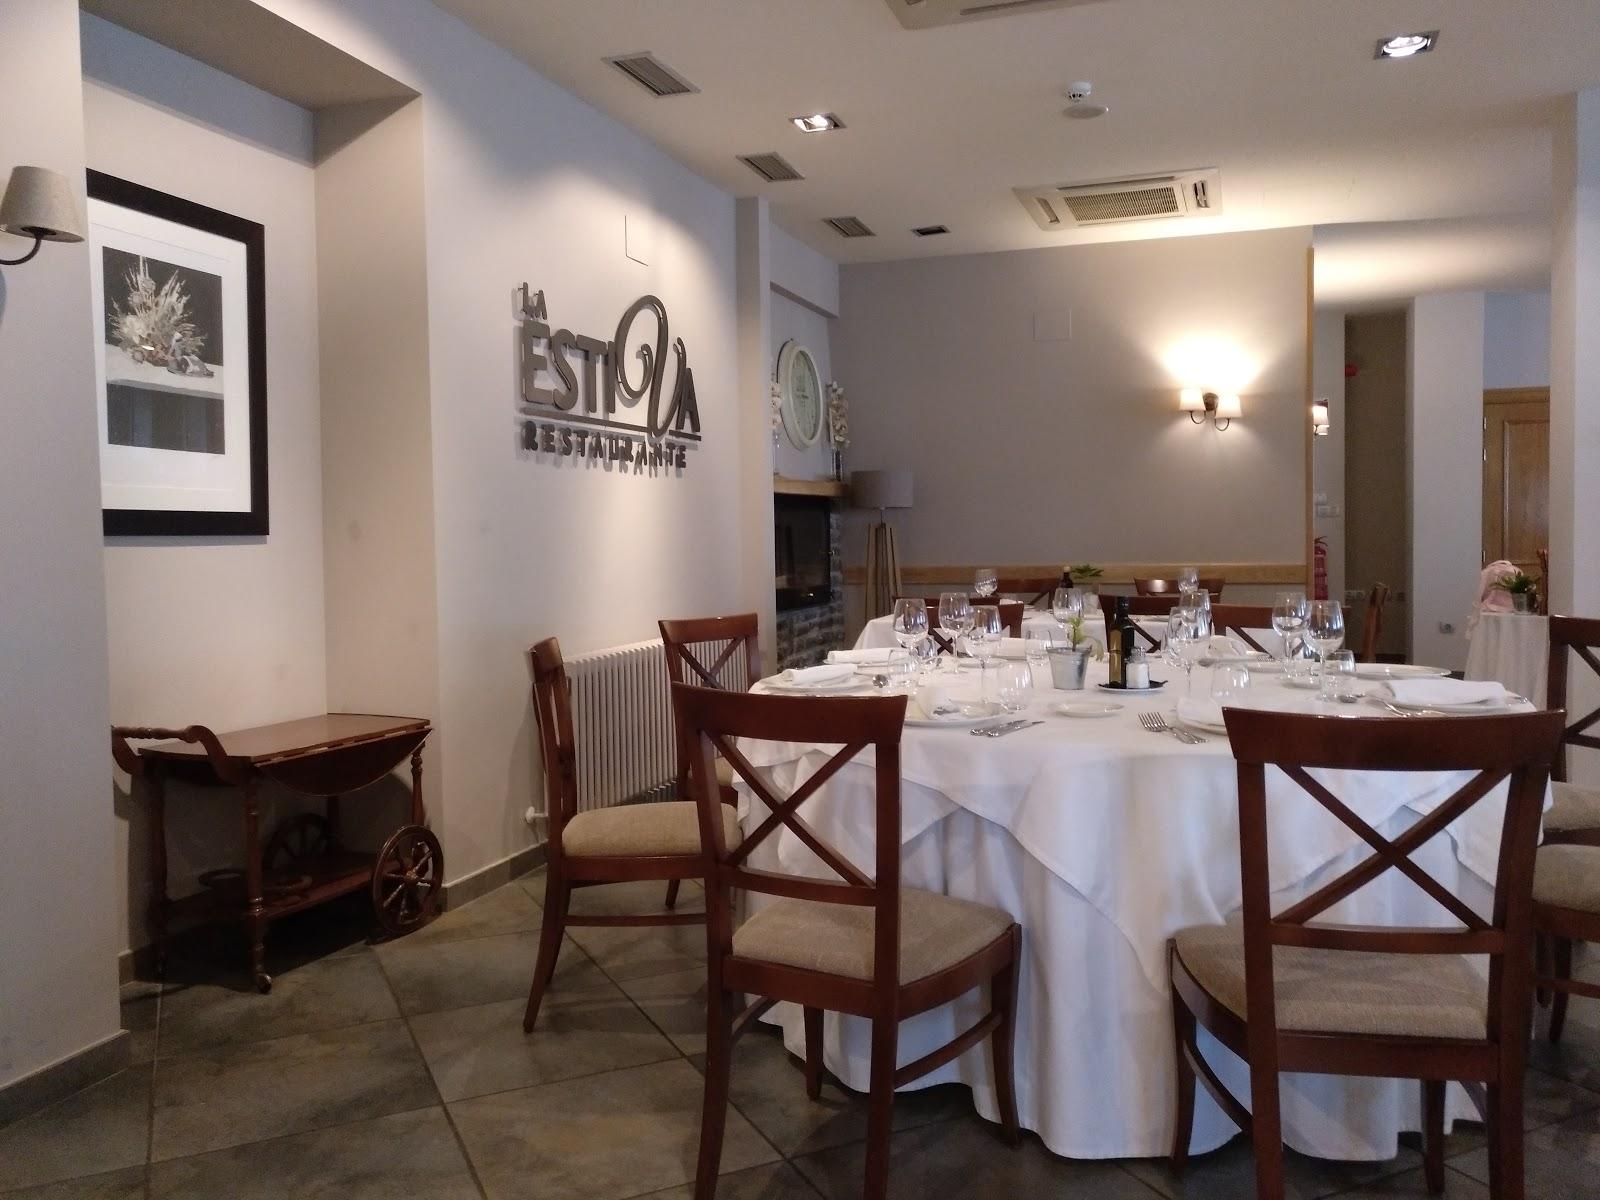 Restaurante La Estiva